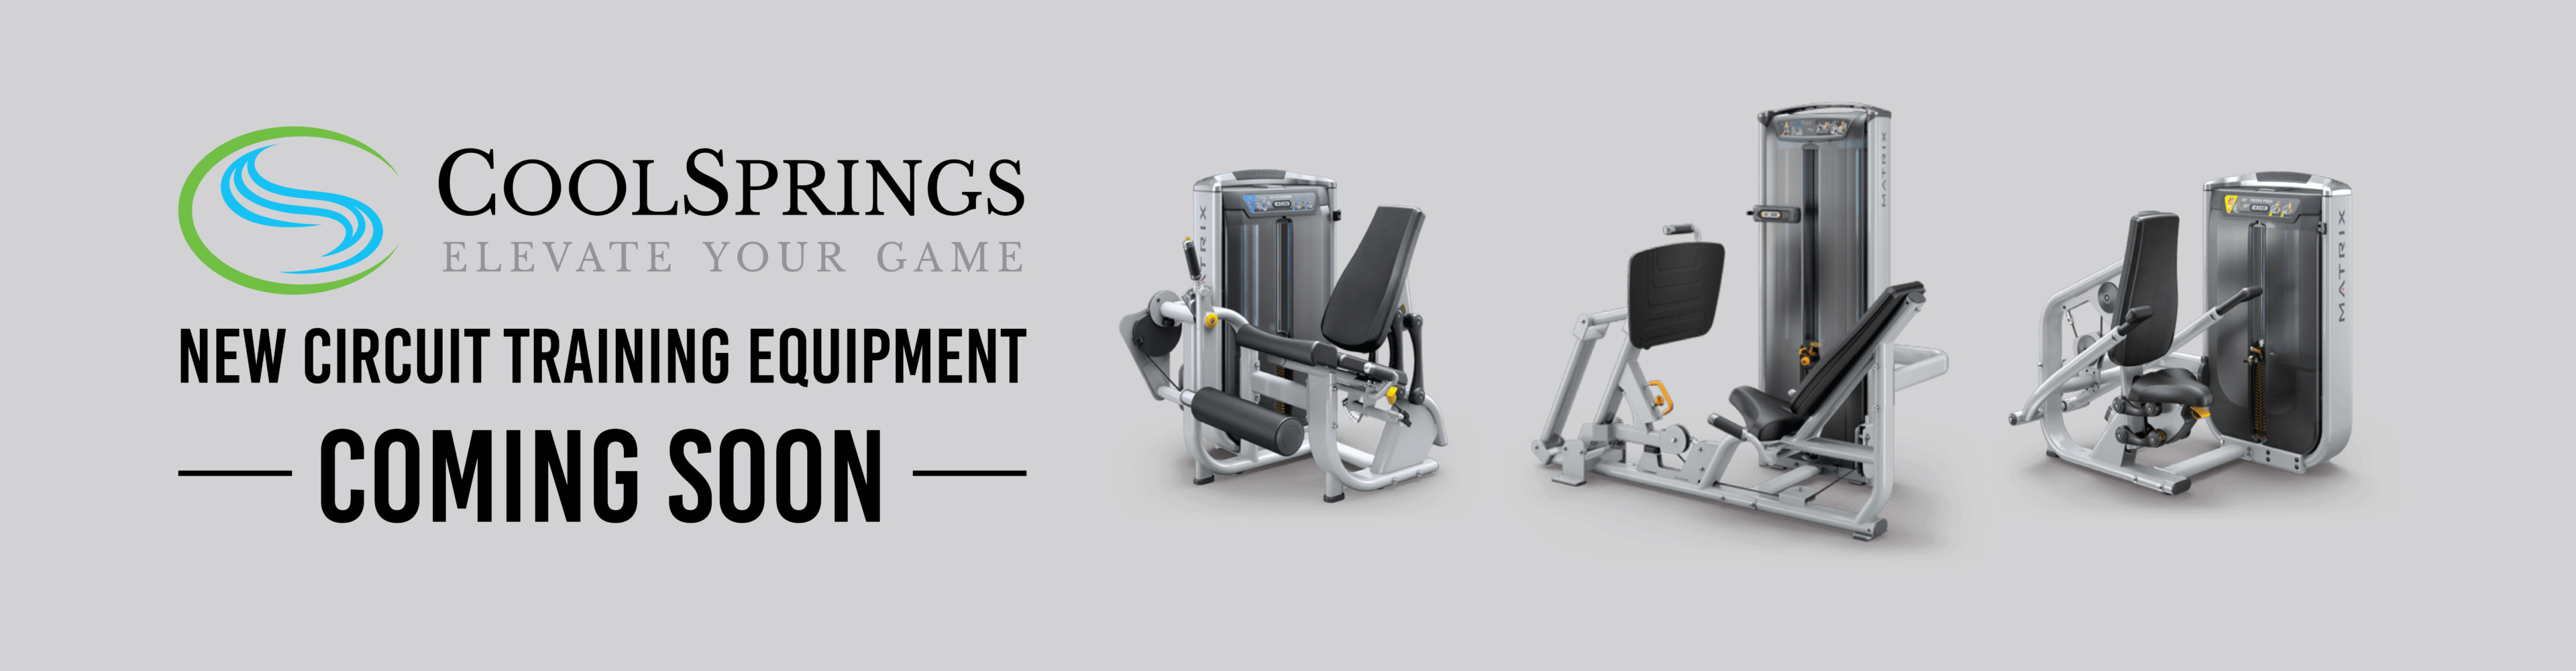 NewEquipmentSlider